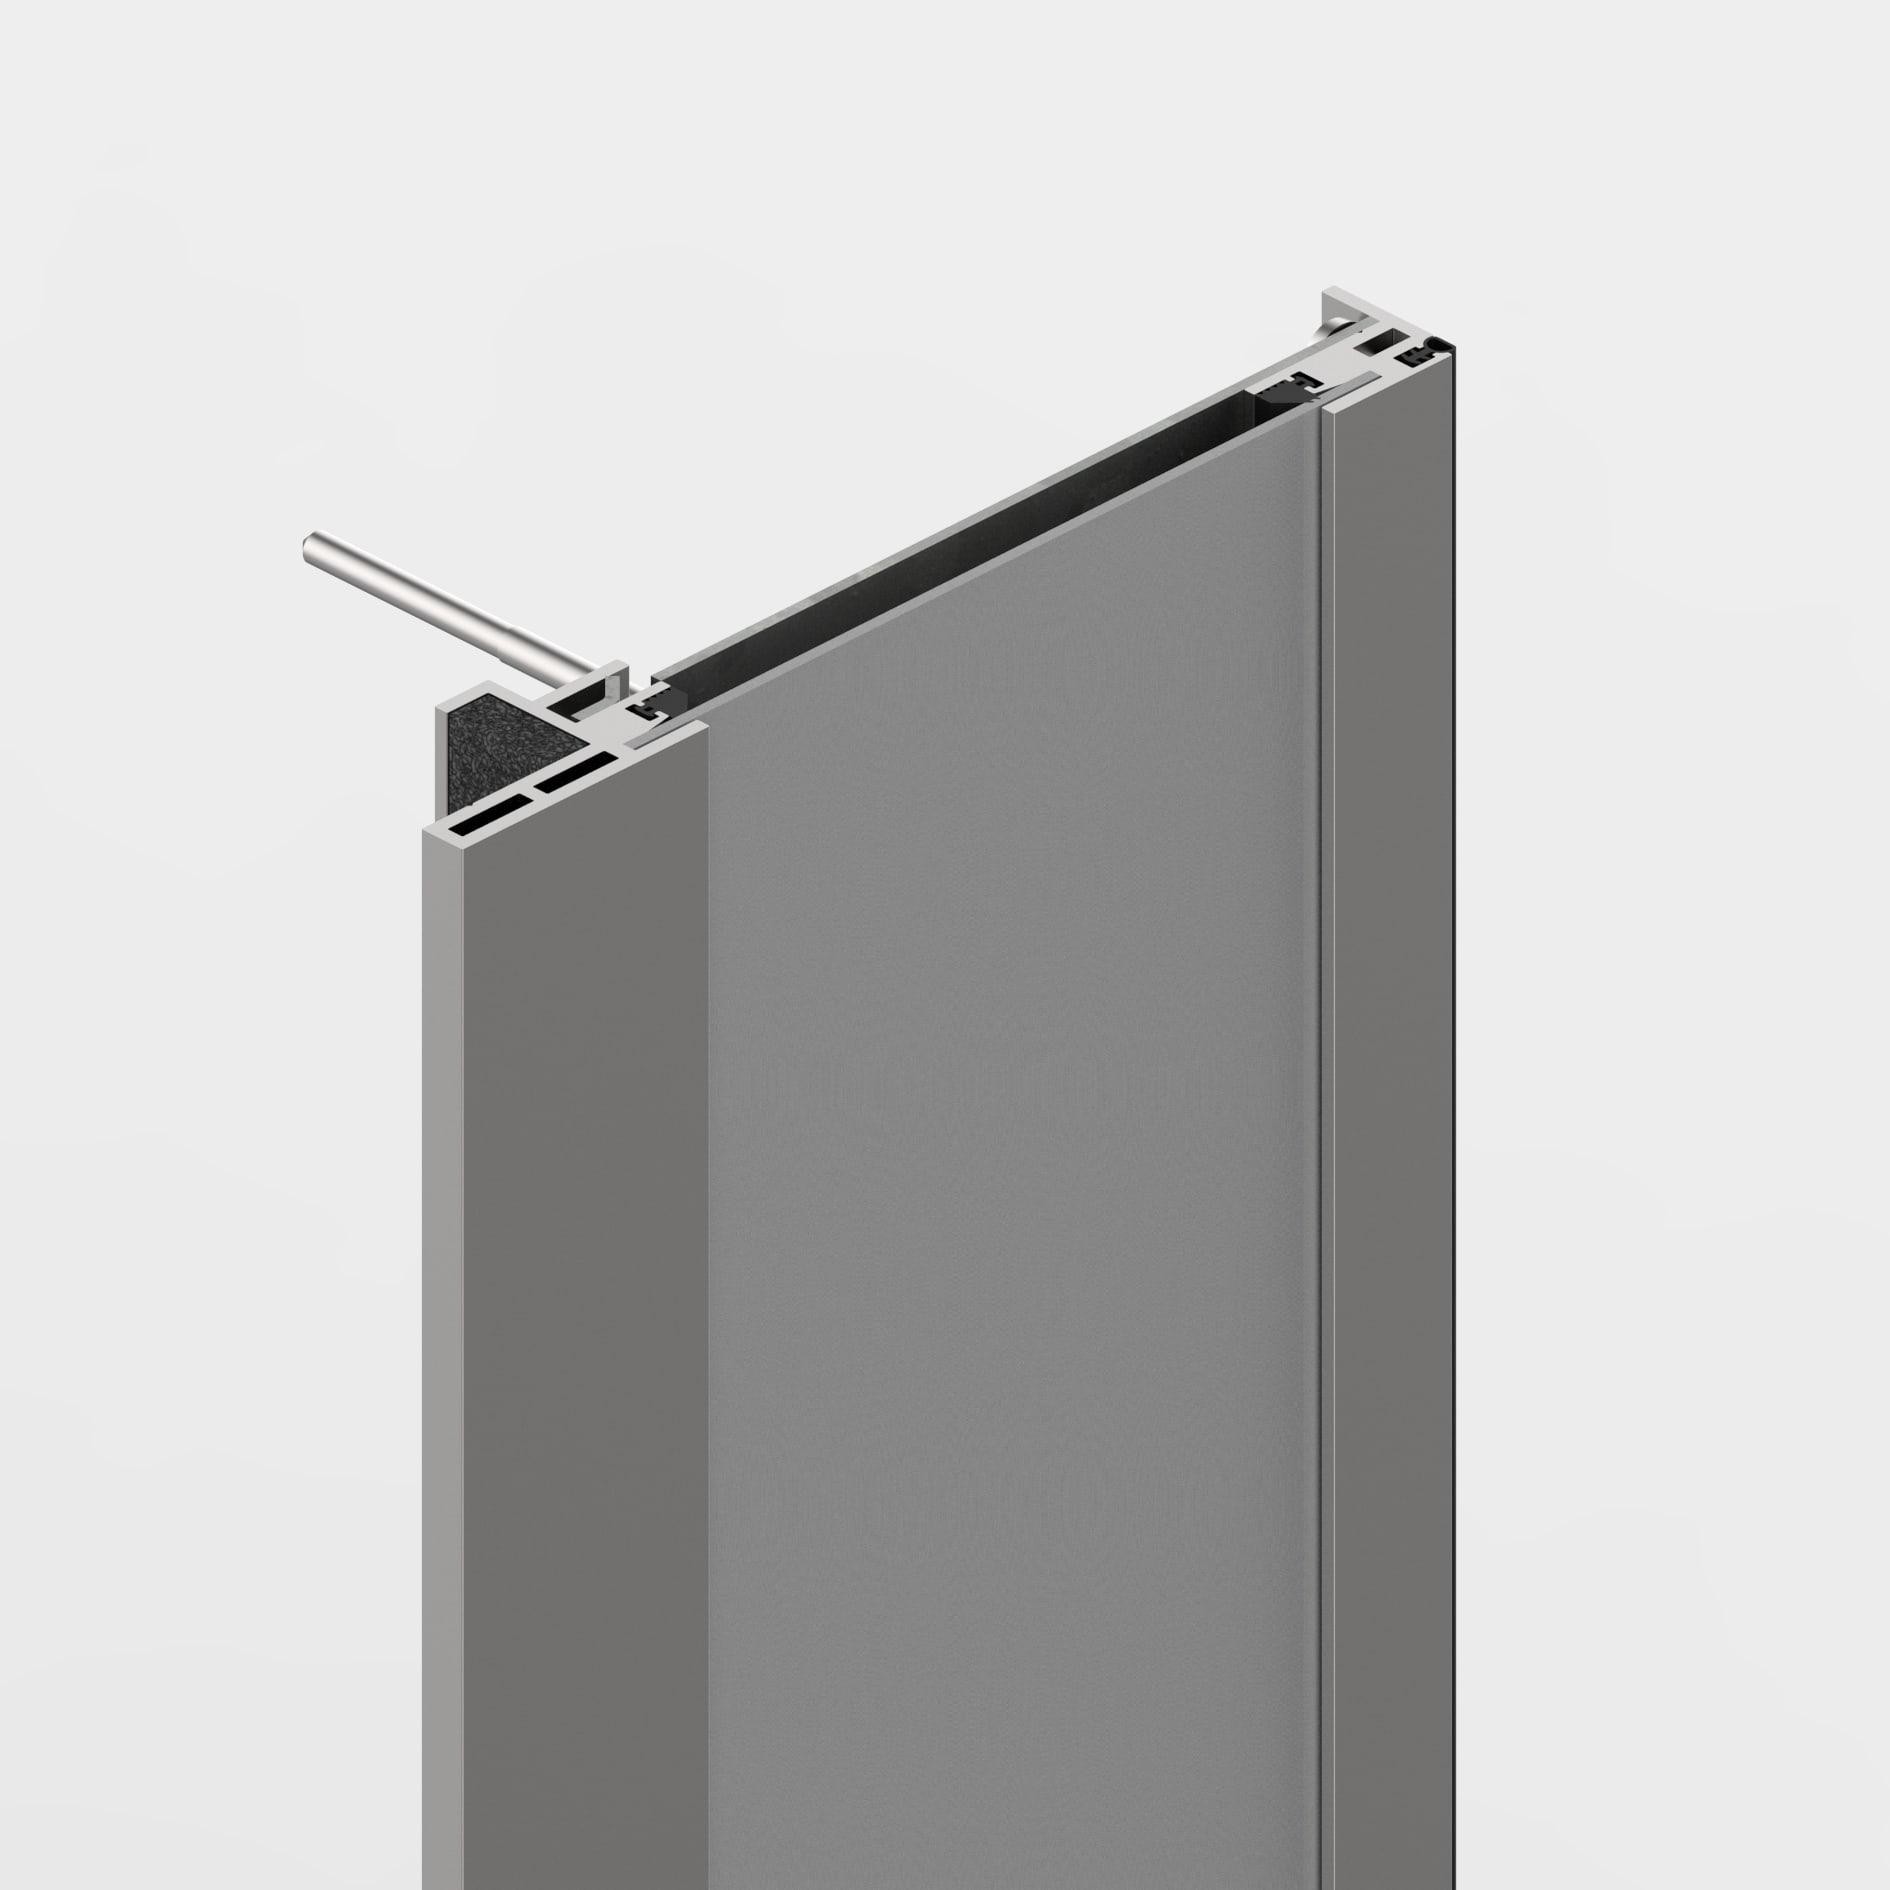 Aluminiumzarge